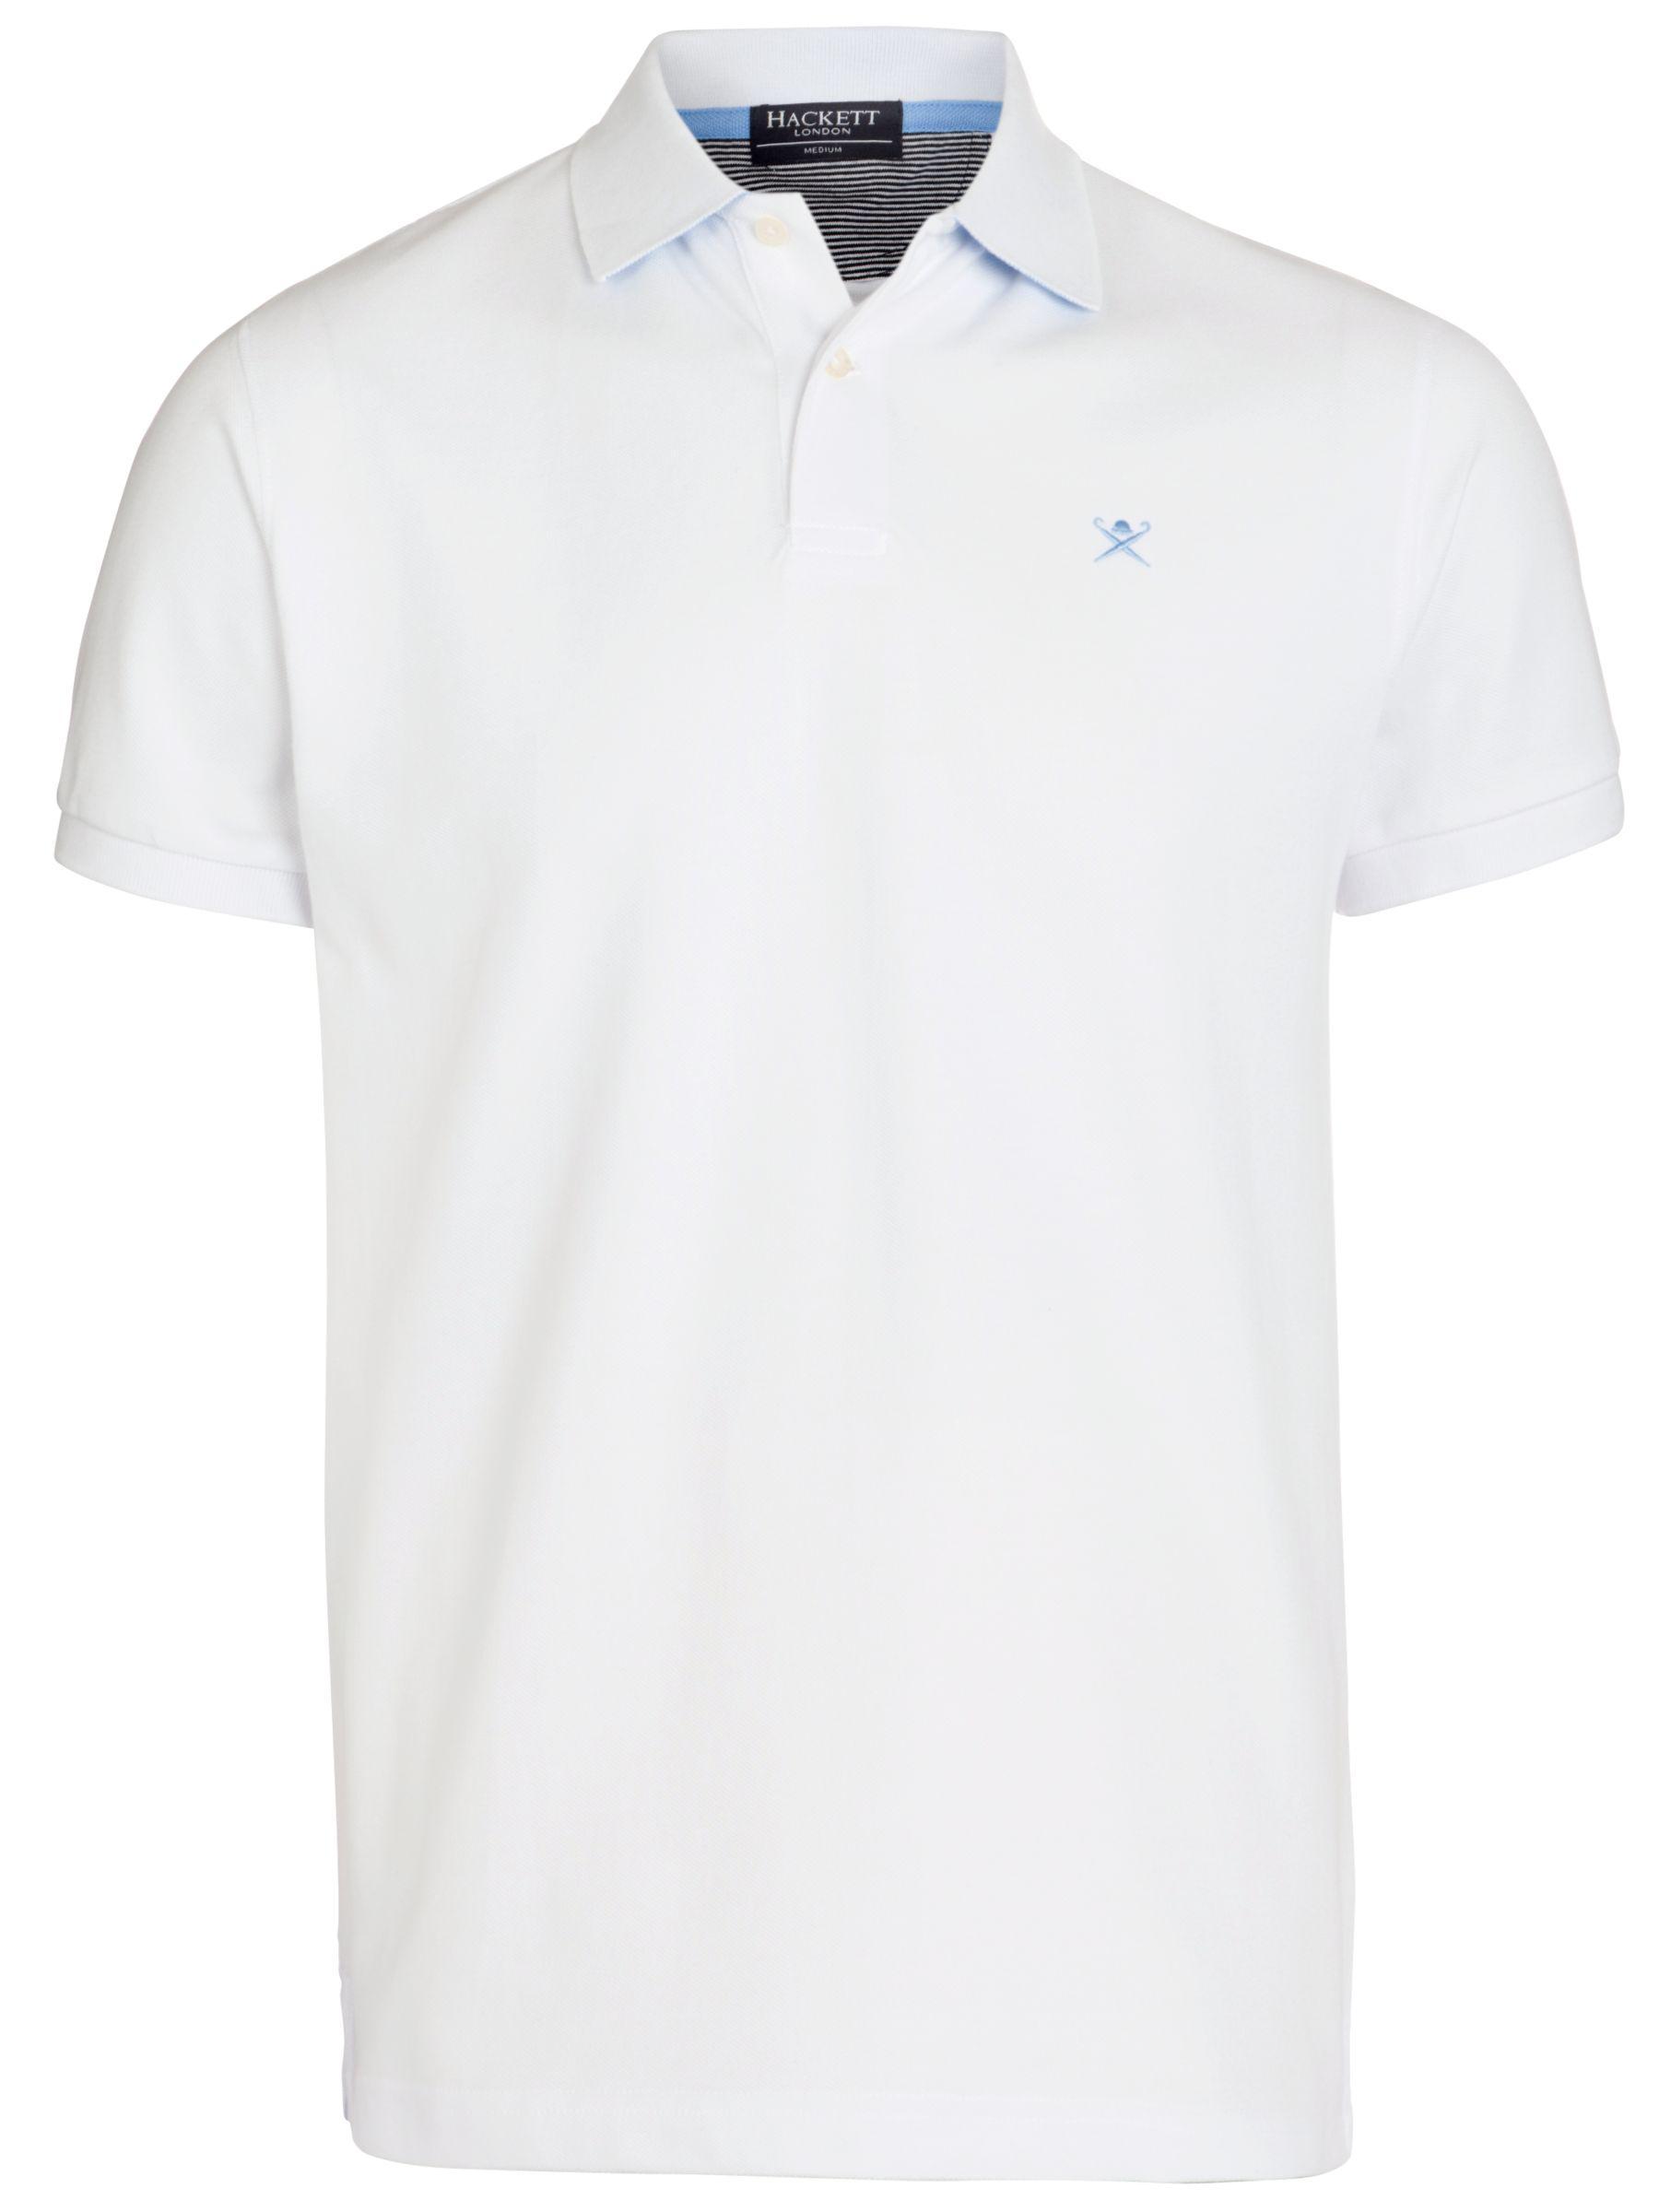 8fe5098977ce Hackett Short Sleeve Polo Shirt in White for Men - Lyst